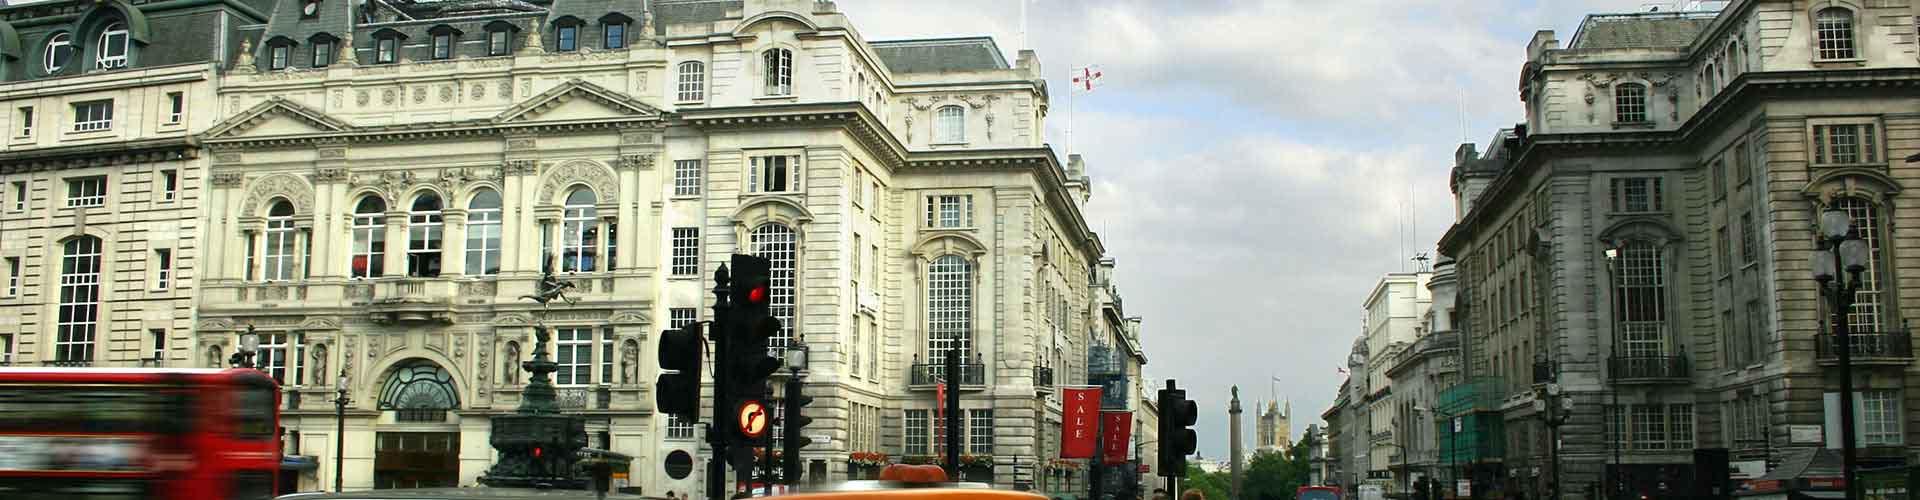 Lontoo – Hostellit lähellä Piccadilly Circus. Lontoo -karttoja, valokuvia ja arvosteluja kaikista Lontoo -hostelleista.